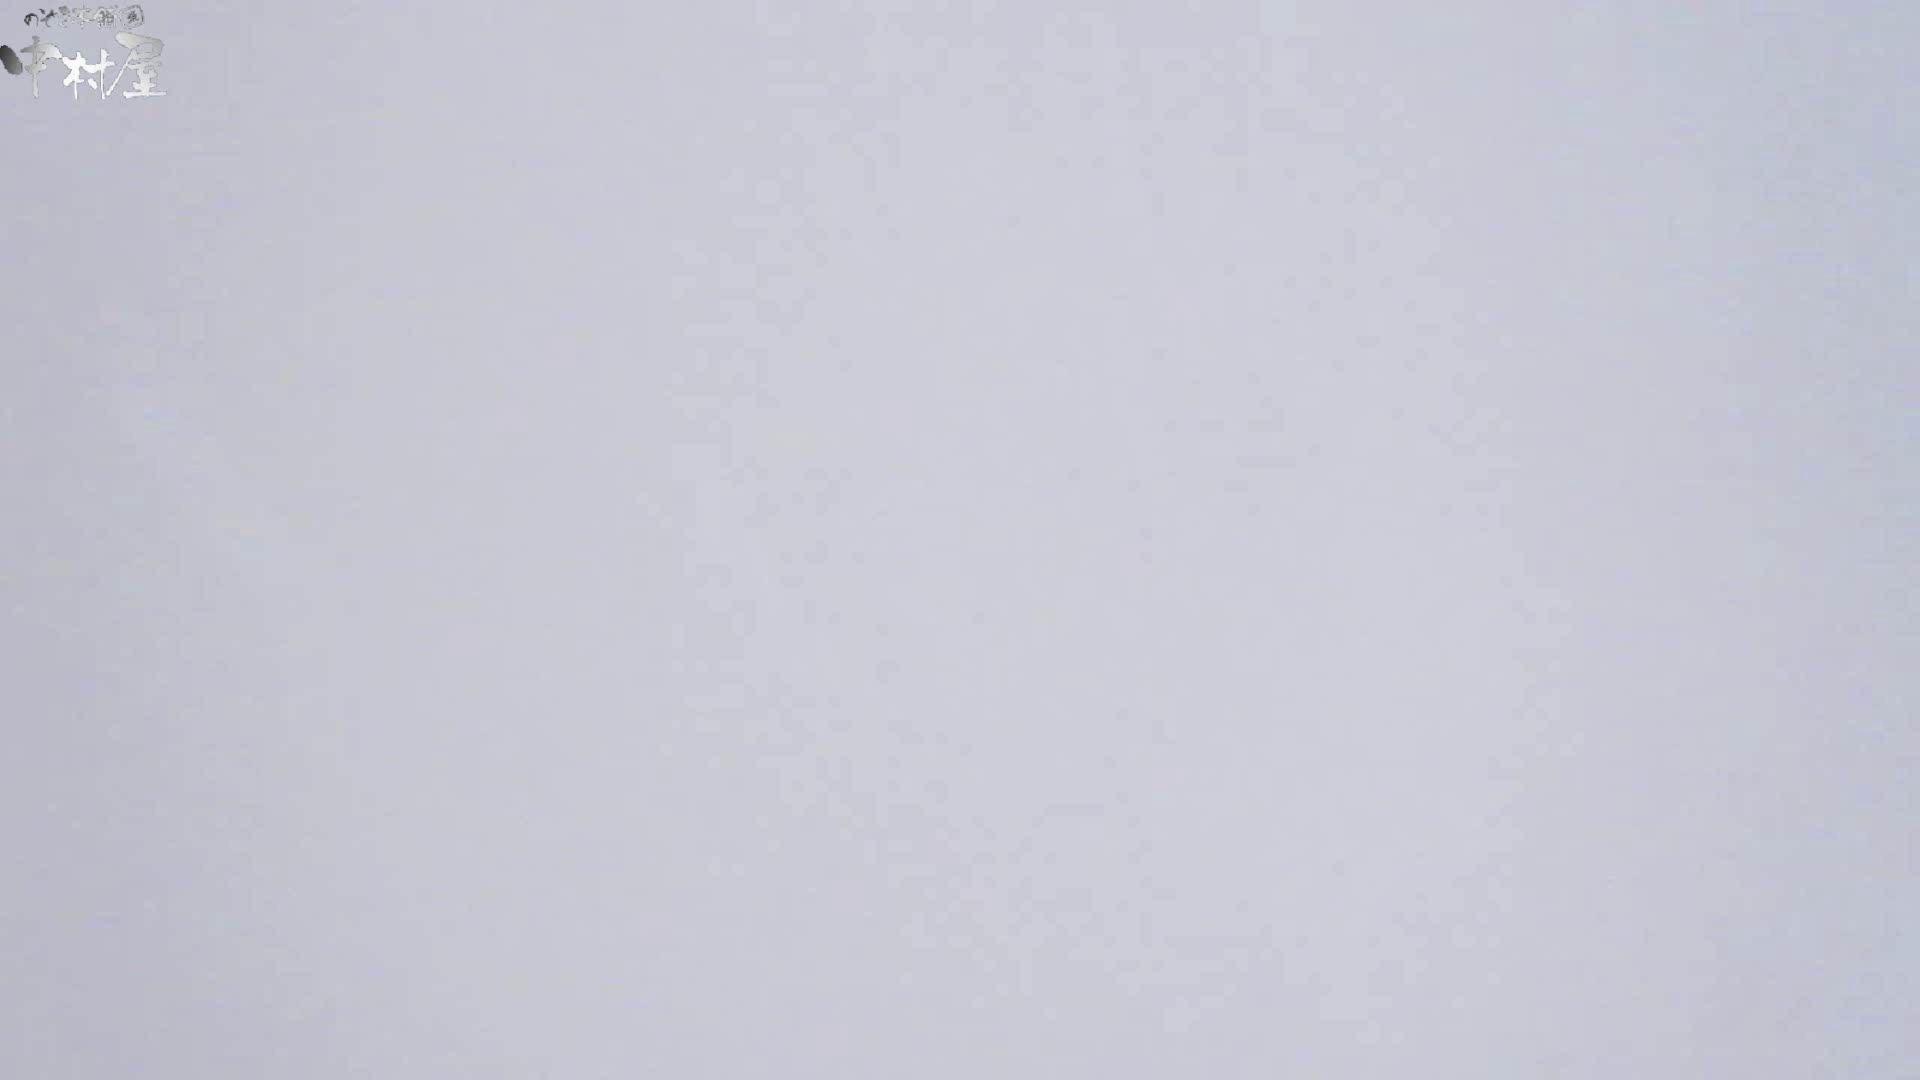 魂のかわや盗撮62連発! 上から顔も・・・ 29発目! リアル黄金水 | 盗撮  77画像 69